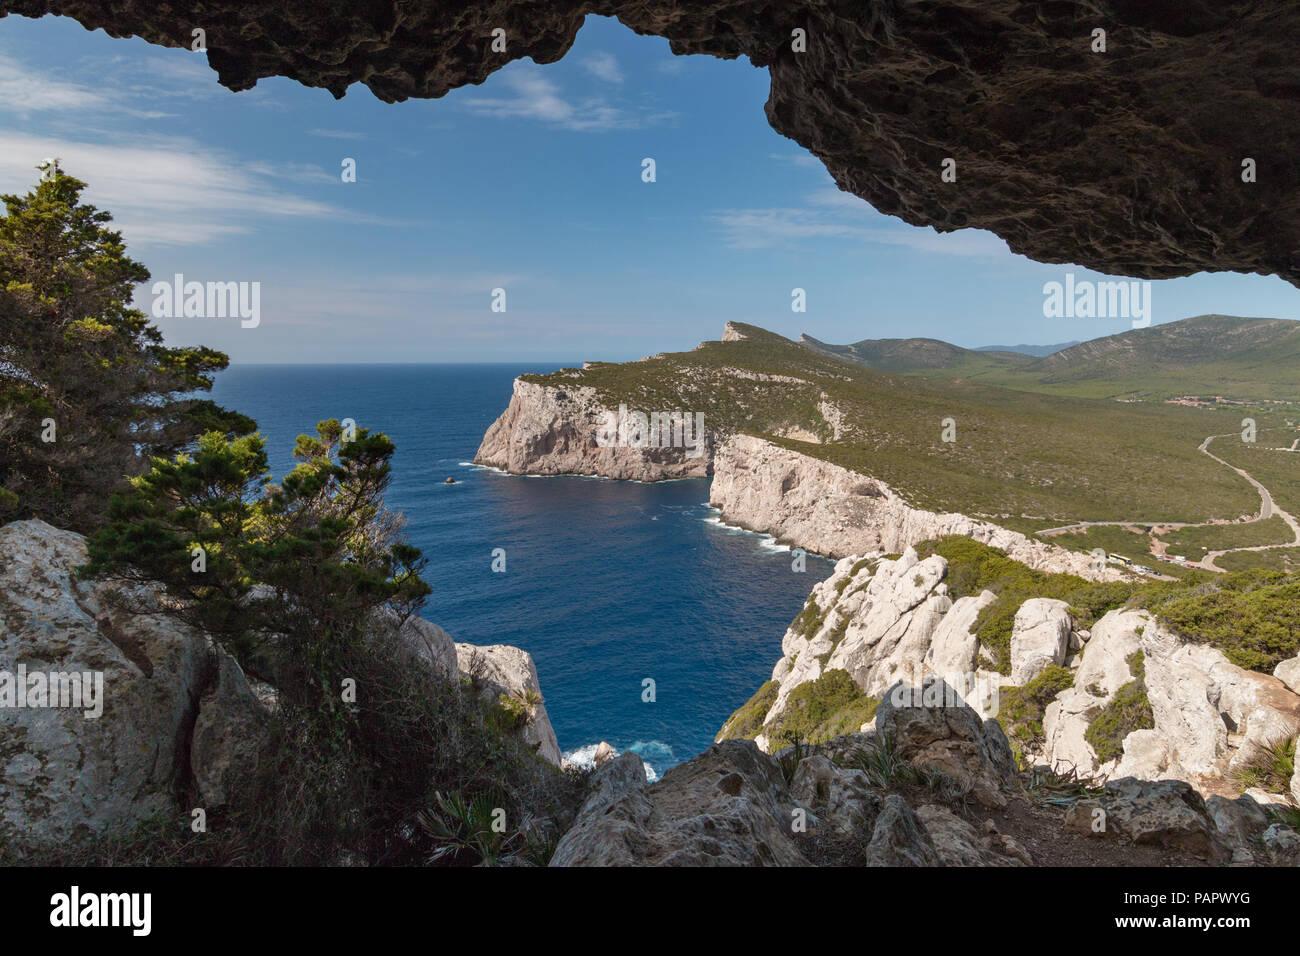 Paesaggio visto dalla Grotta dei vasi rotti accanto a Capo Caccia sull'isola italiana di Sardegna Immagini Stock